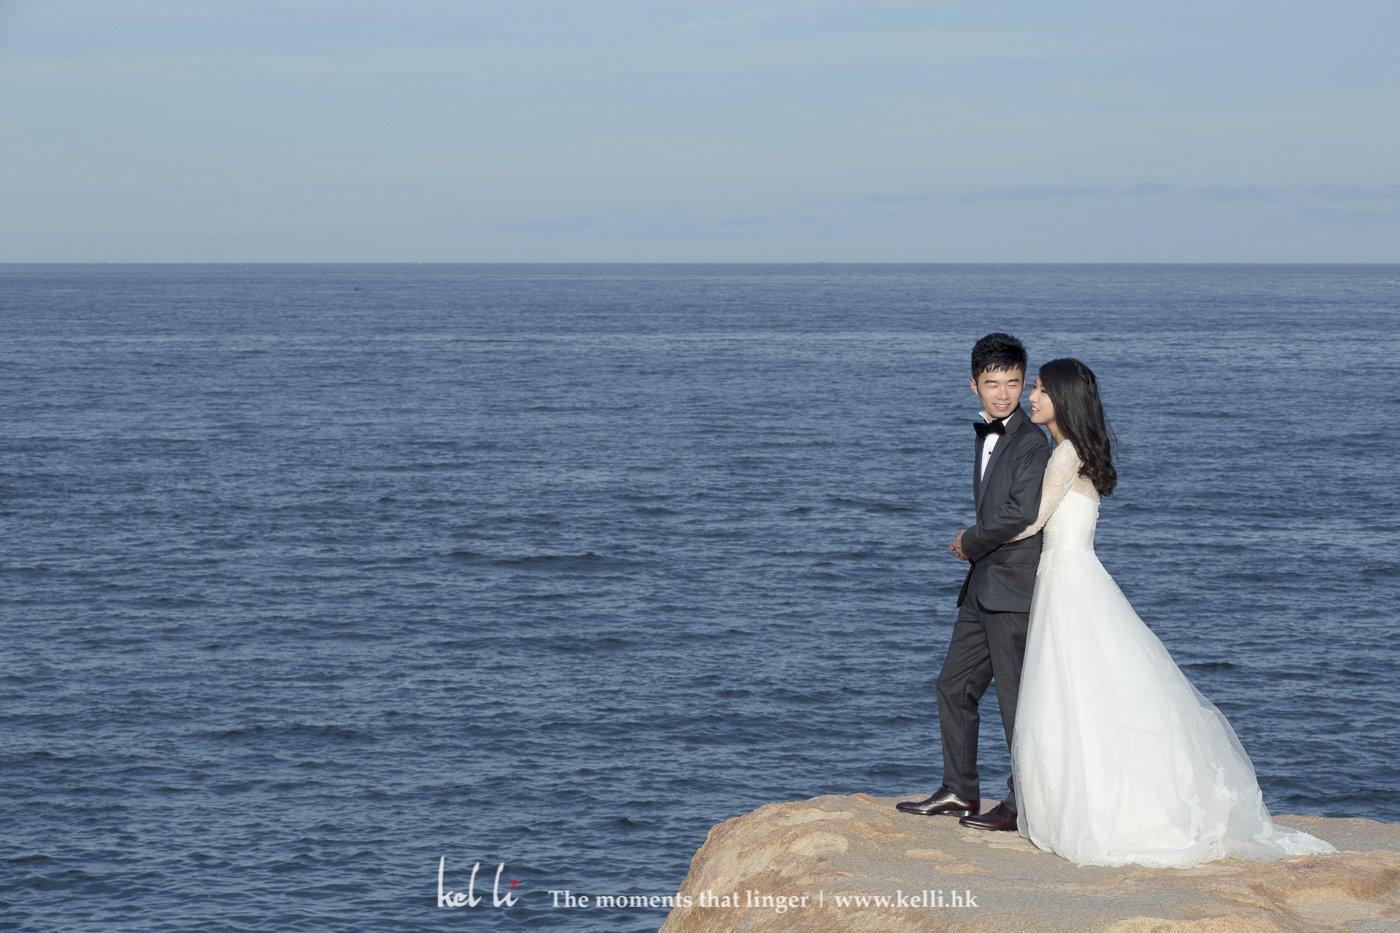 香港石澳石滩上的婚纱照